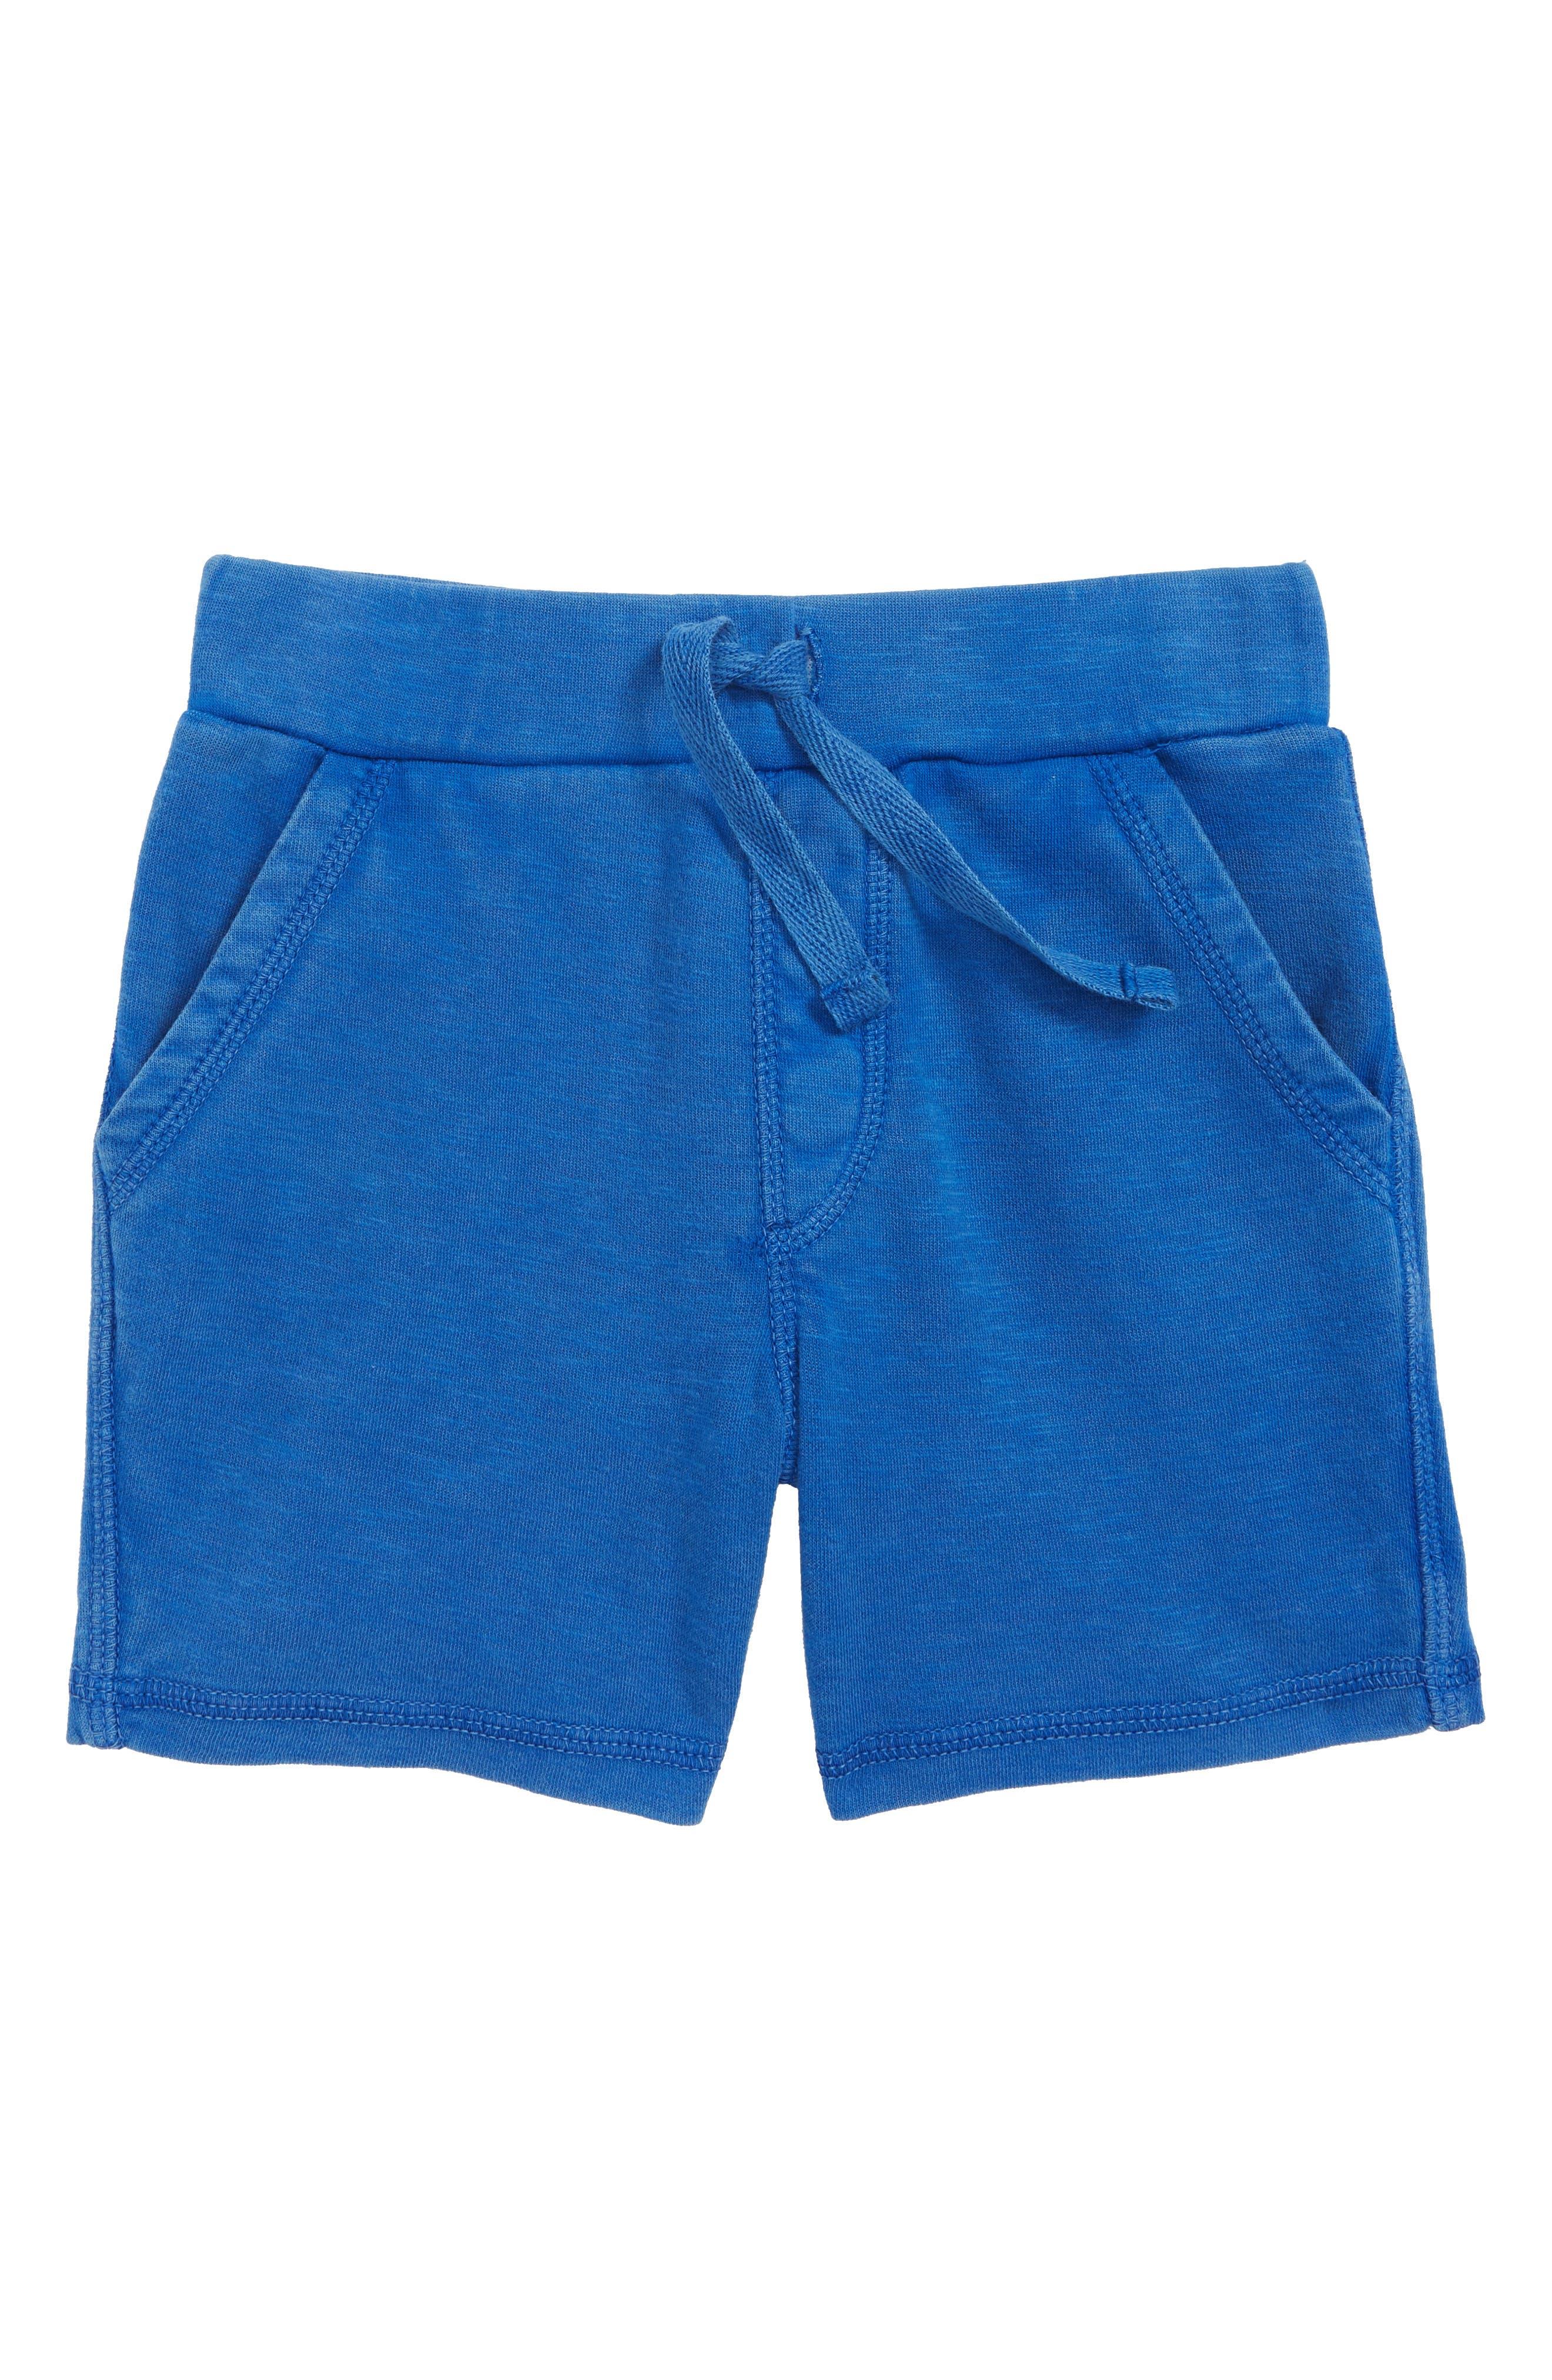 Knit Shorts,                         Main,                         color, Blue Surf